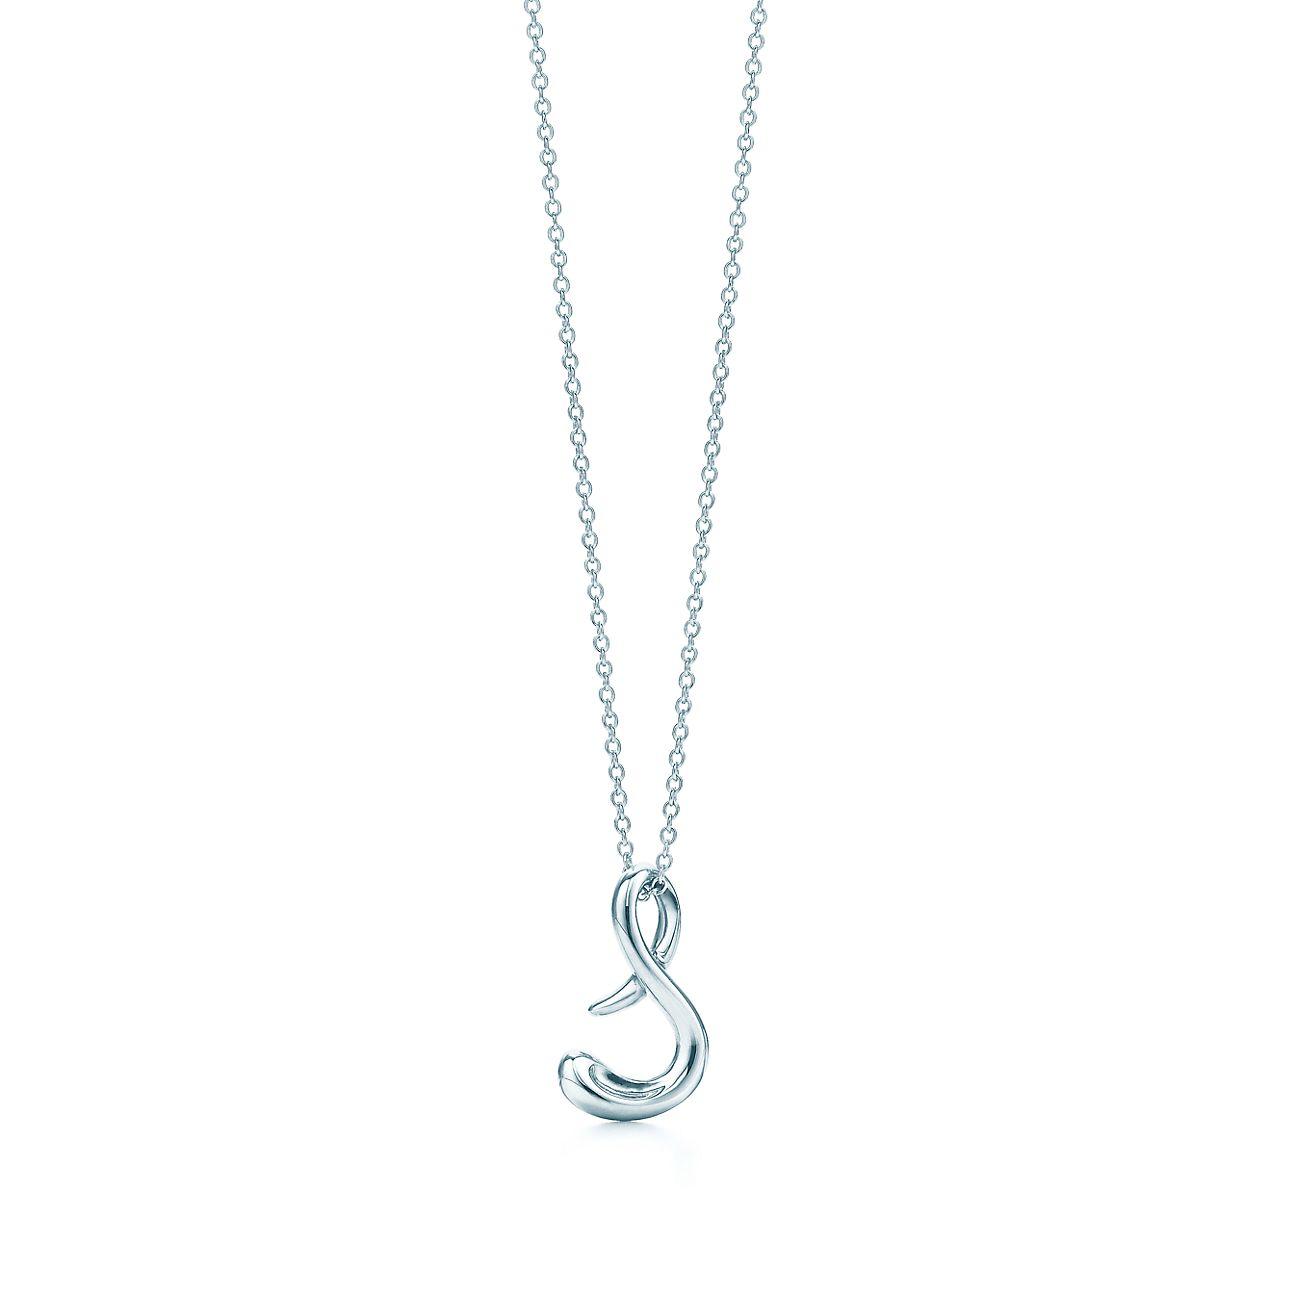 Elsa Peretti letter X pendant in sterling silver, small - Size X Tiffany & Co.